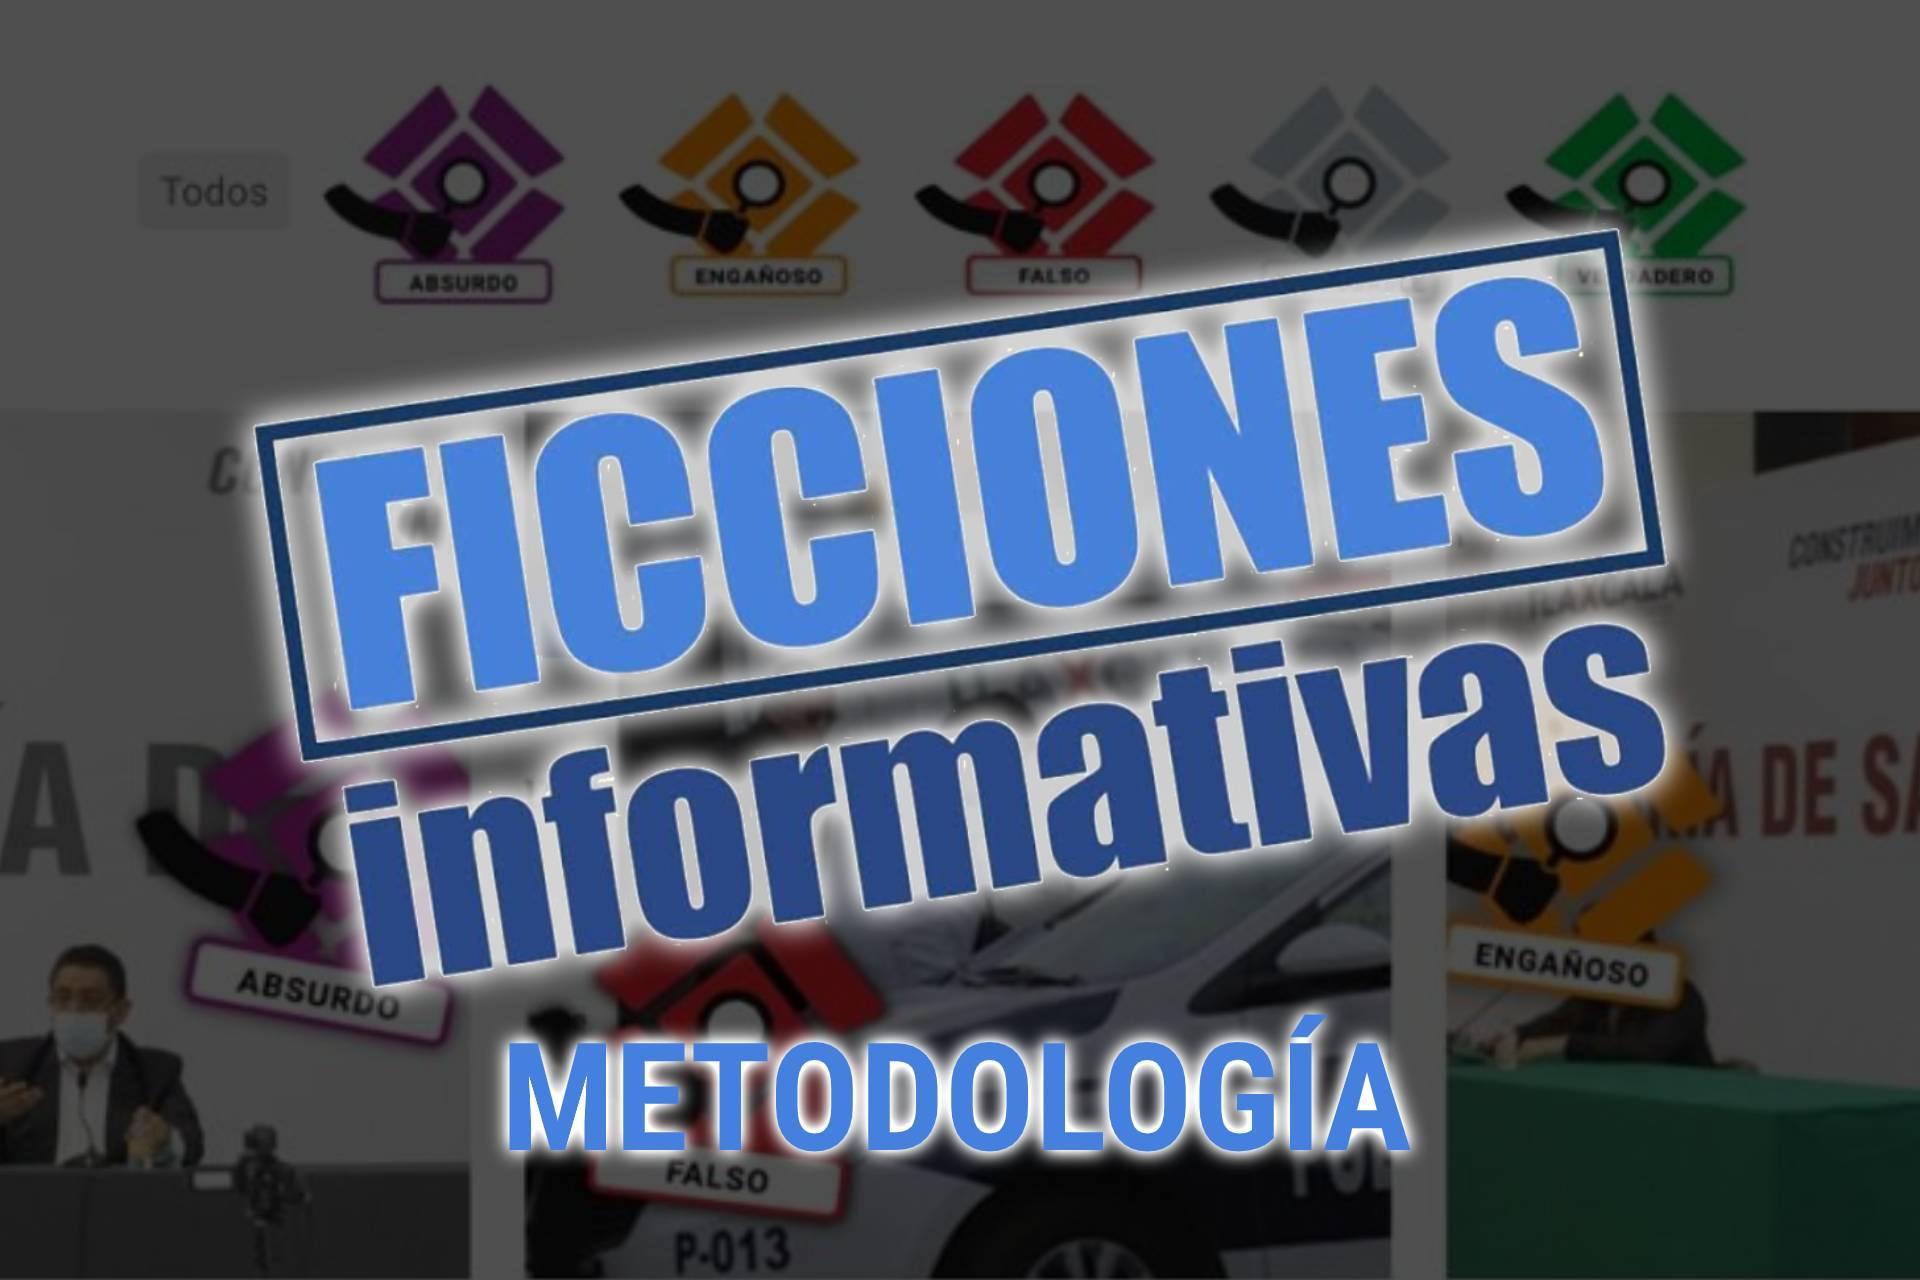 ficciones informativas-fact checking-verificación de discurso-Tlaxcala-Periodismo Independiente